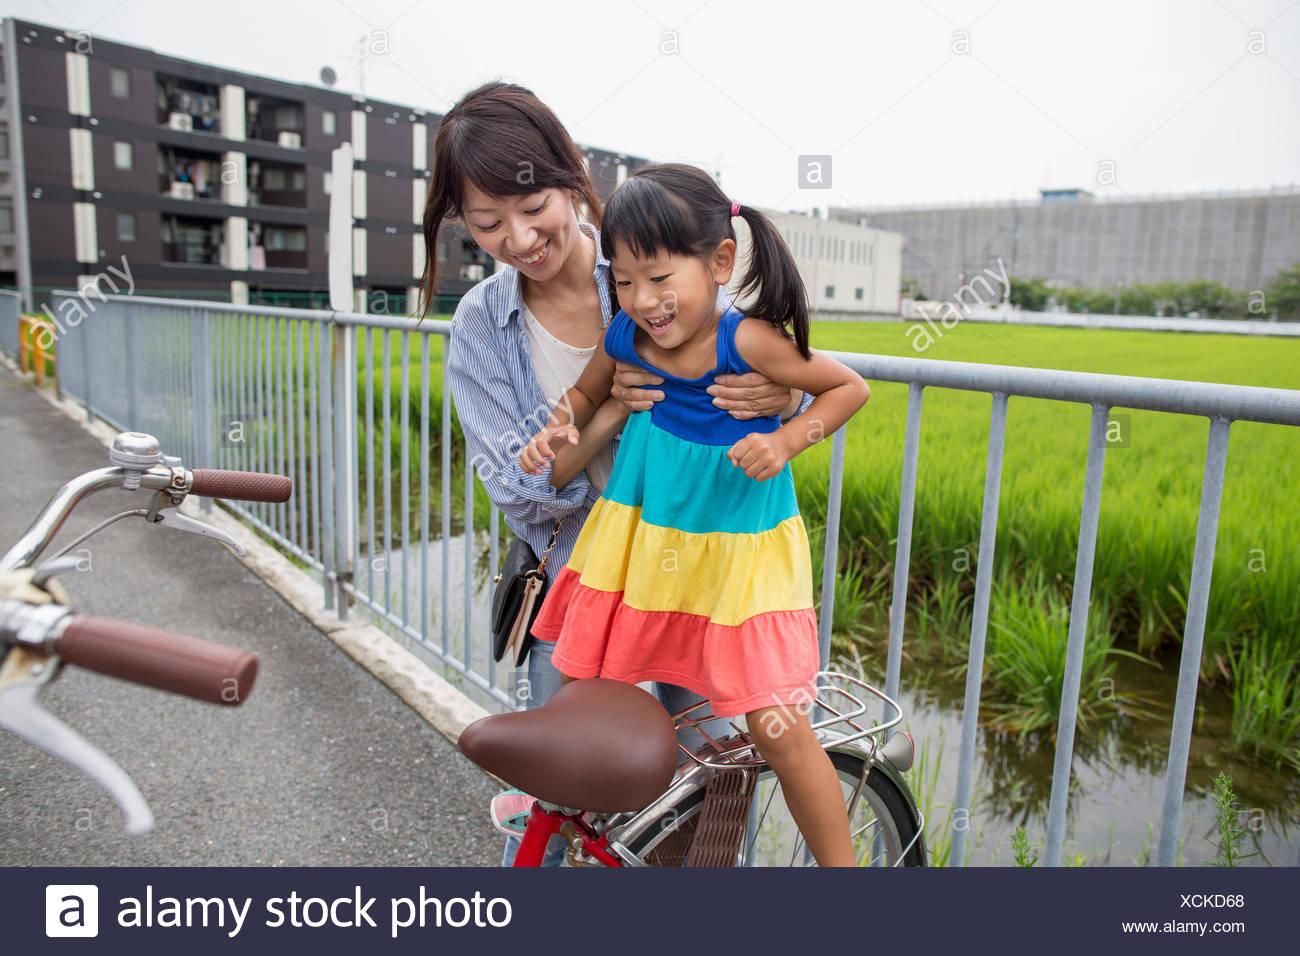 Una madre sollevando la figlia su una bicicletta. Immagini Stock